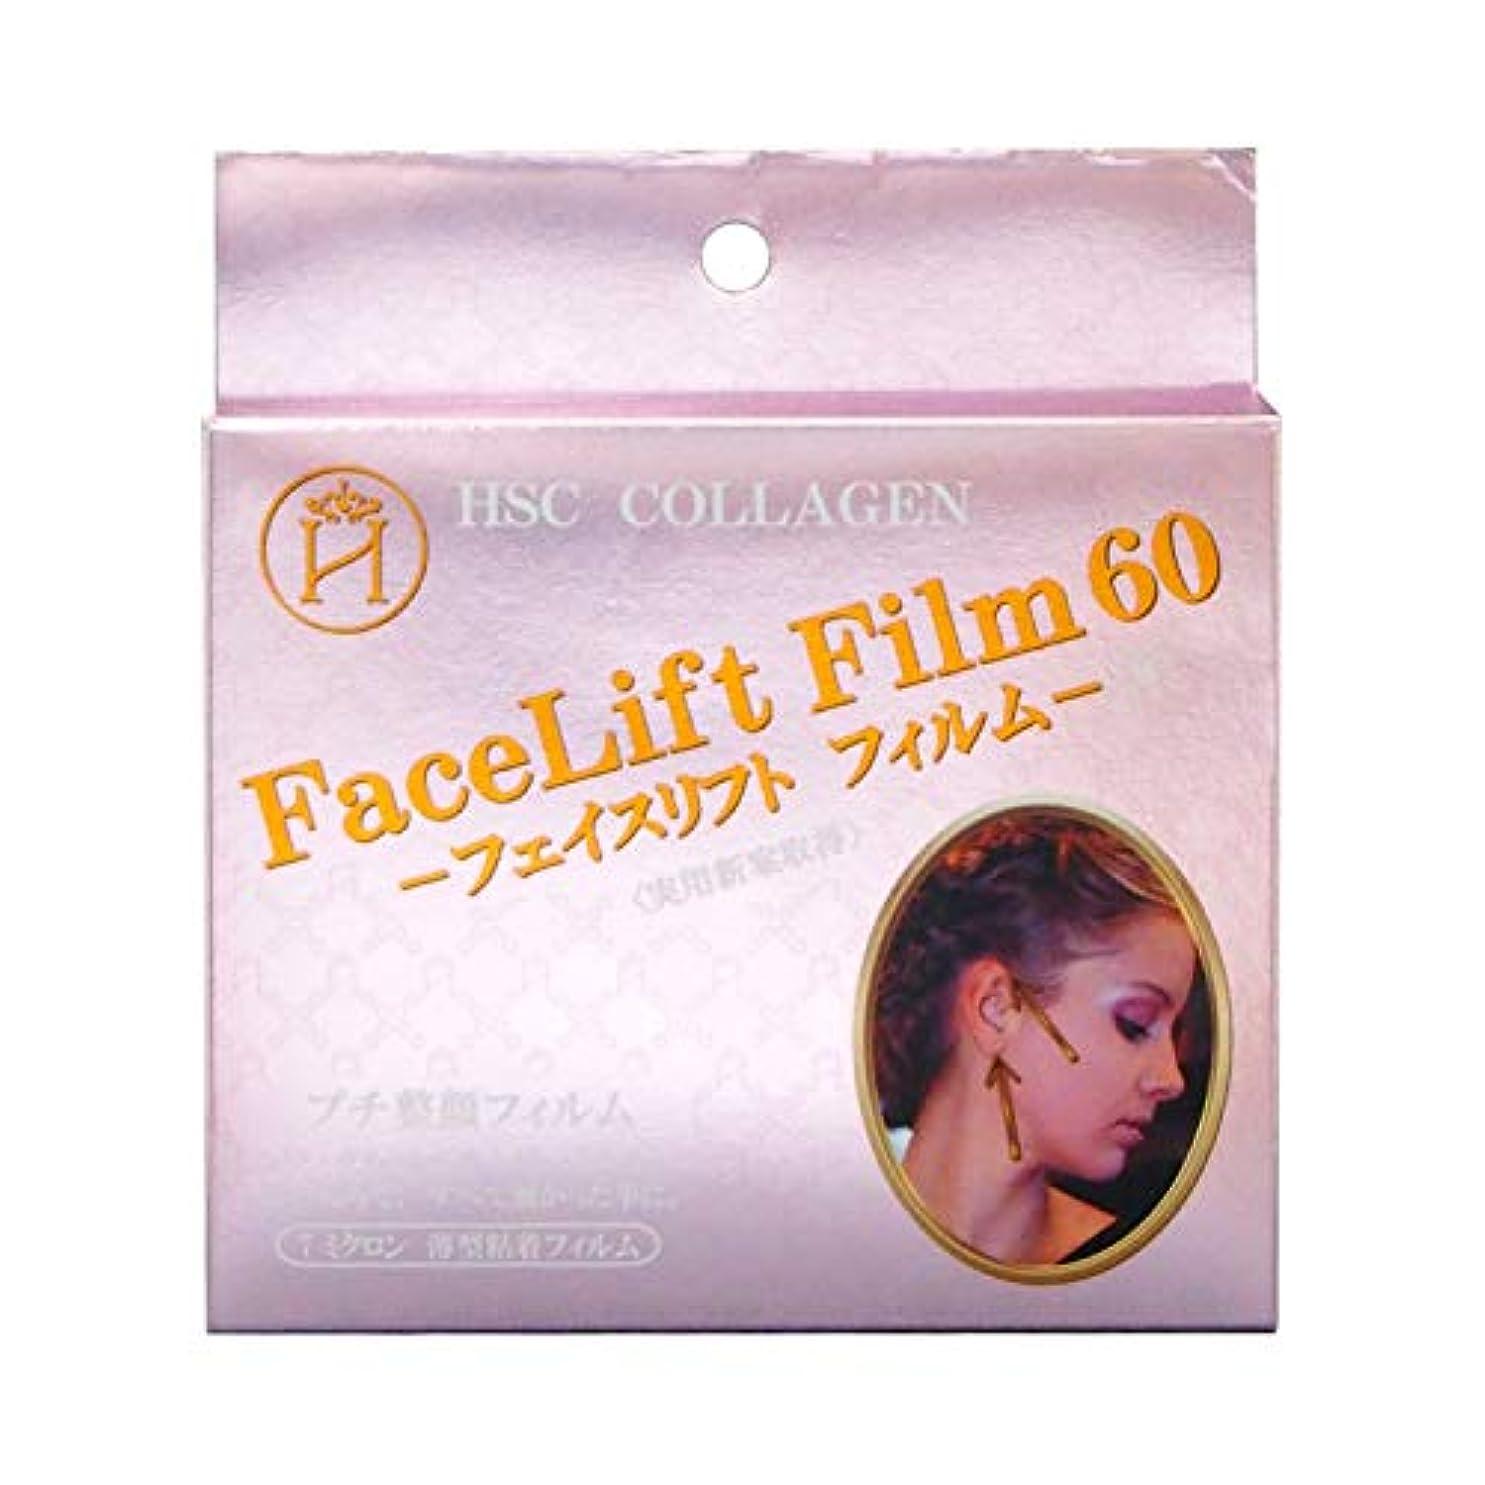 相反するカルシウム提供フェイスリフトフィルム60 たるみ テープ 引き上げ 透明 目立たない フェイスライン